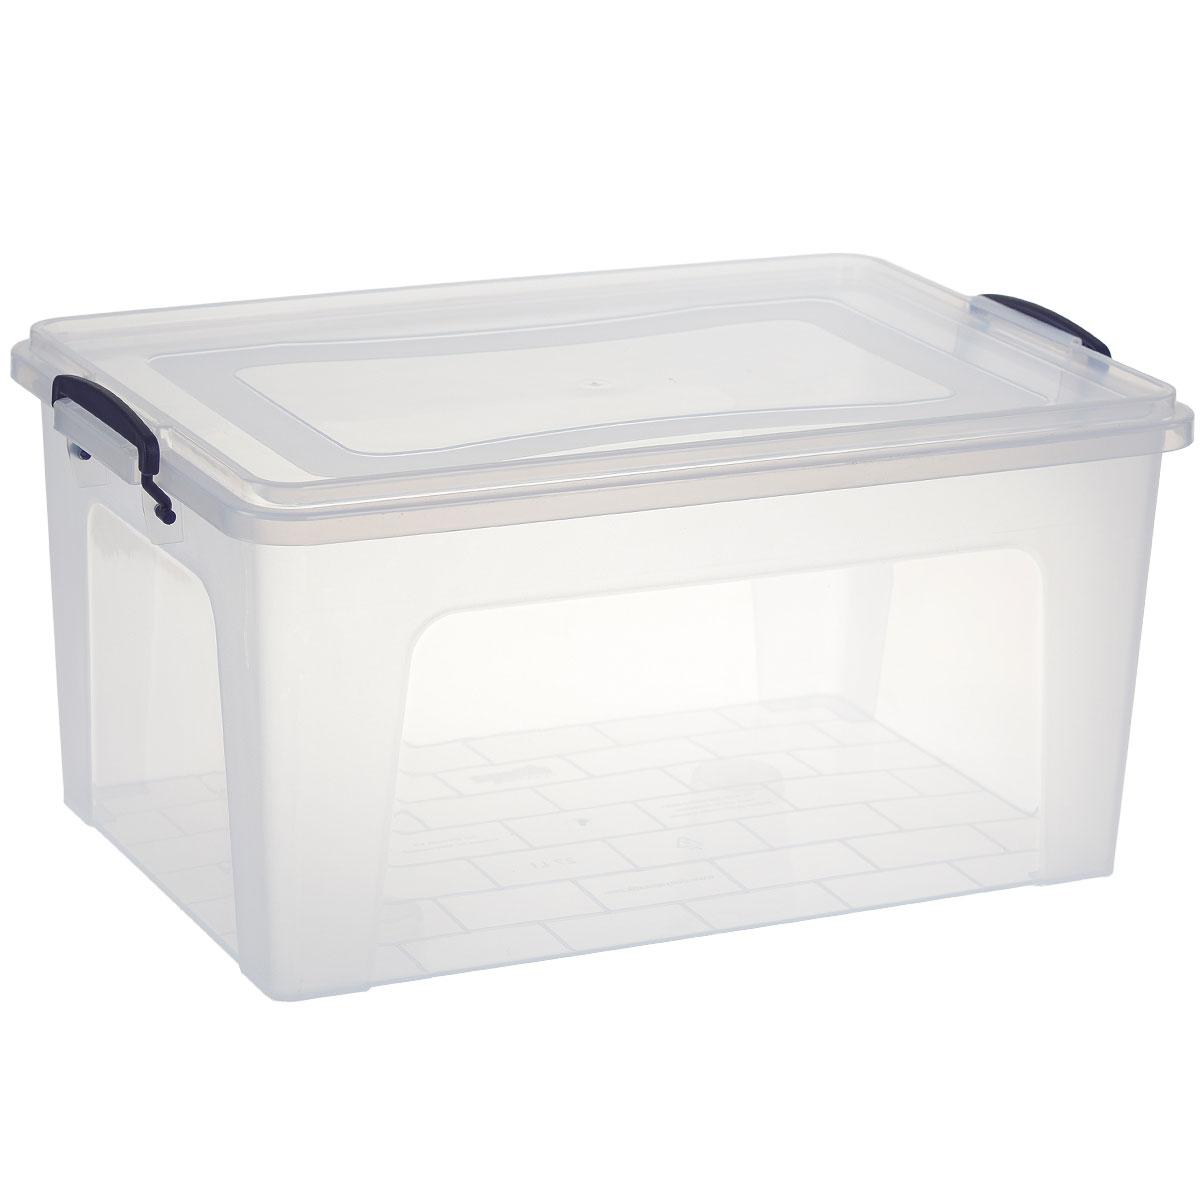 Контейнер Dunya Plastik Clear Box, цвет: прозрачный, синий, 27 л30166Контейнер Dunya Plastik Clear Box выполнен из прочного пластика. Он предназначен для хранения различных вещей. Крышка легко открывается и плотно закрывается. Прозрачные стенки позволяют видеть содержимое. По бокам предусмотрены две удобные ручки, с помощью которых контейнер закрывается. Контейнер поможет хранить все в одном месте, а также защитить вещи от пыли, грязи и влаги. Размер контейнера (с учетом крышки): 48 см х 32 см. Высота (с учетом крышки): 23 см. Объем: 27 л.